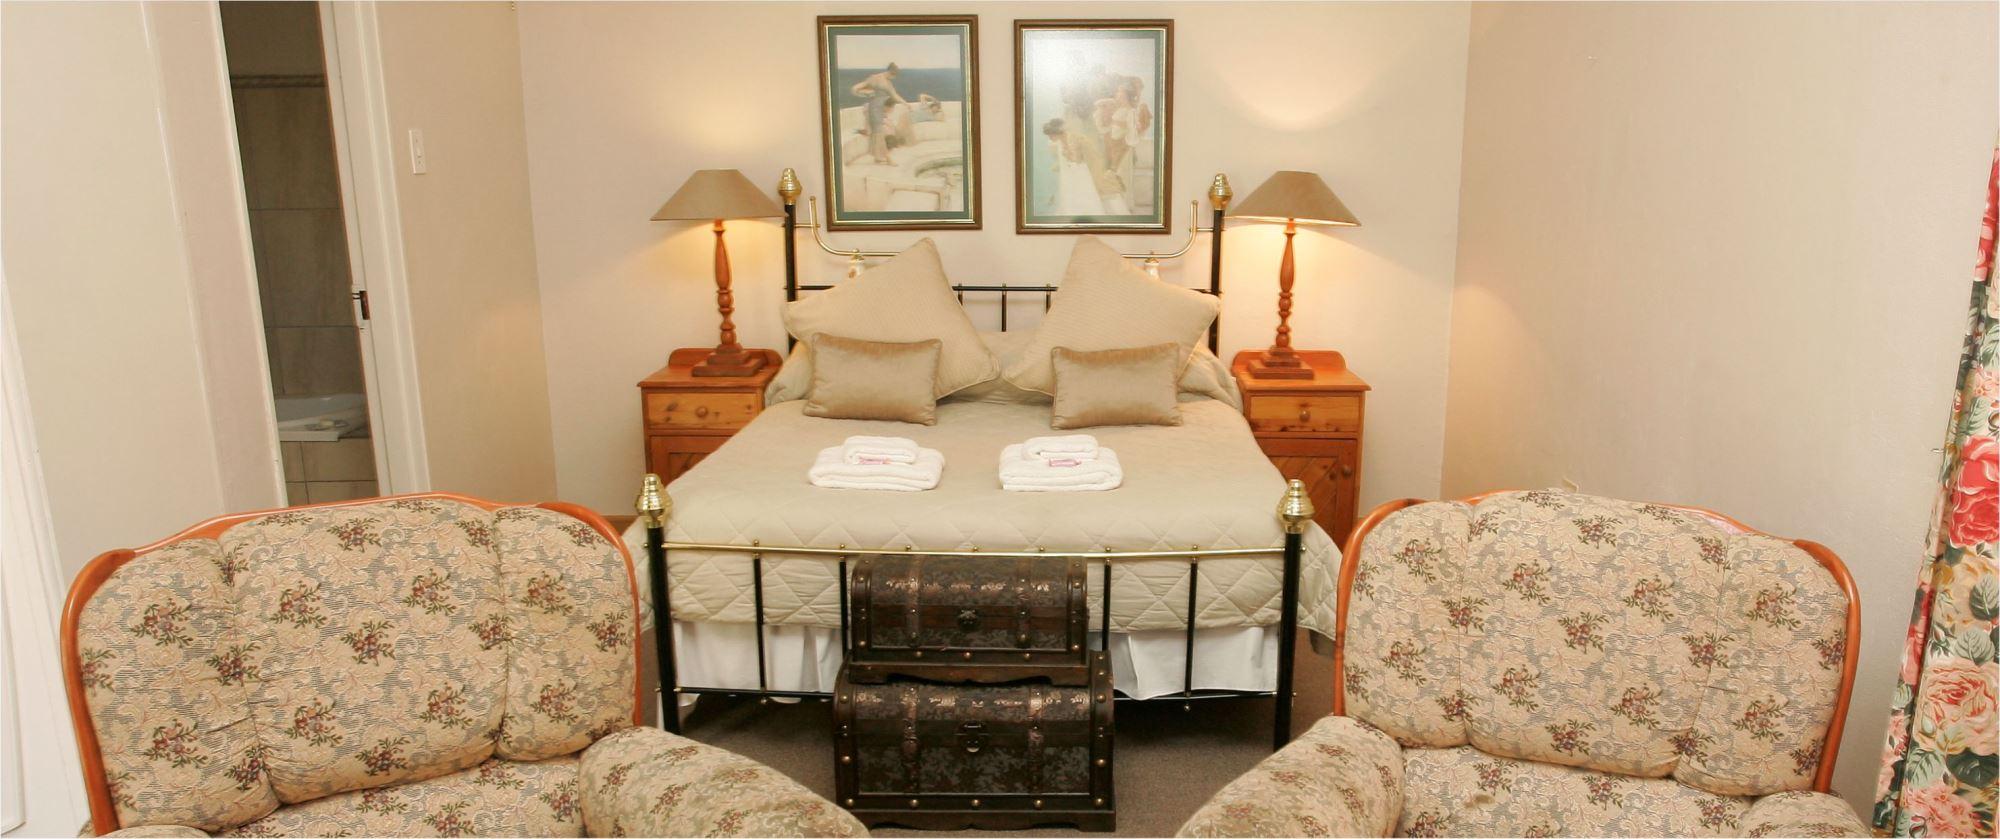 double-en-suite-rooms-header